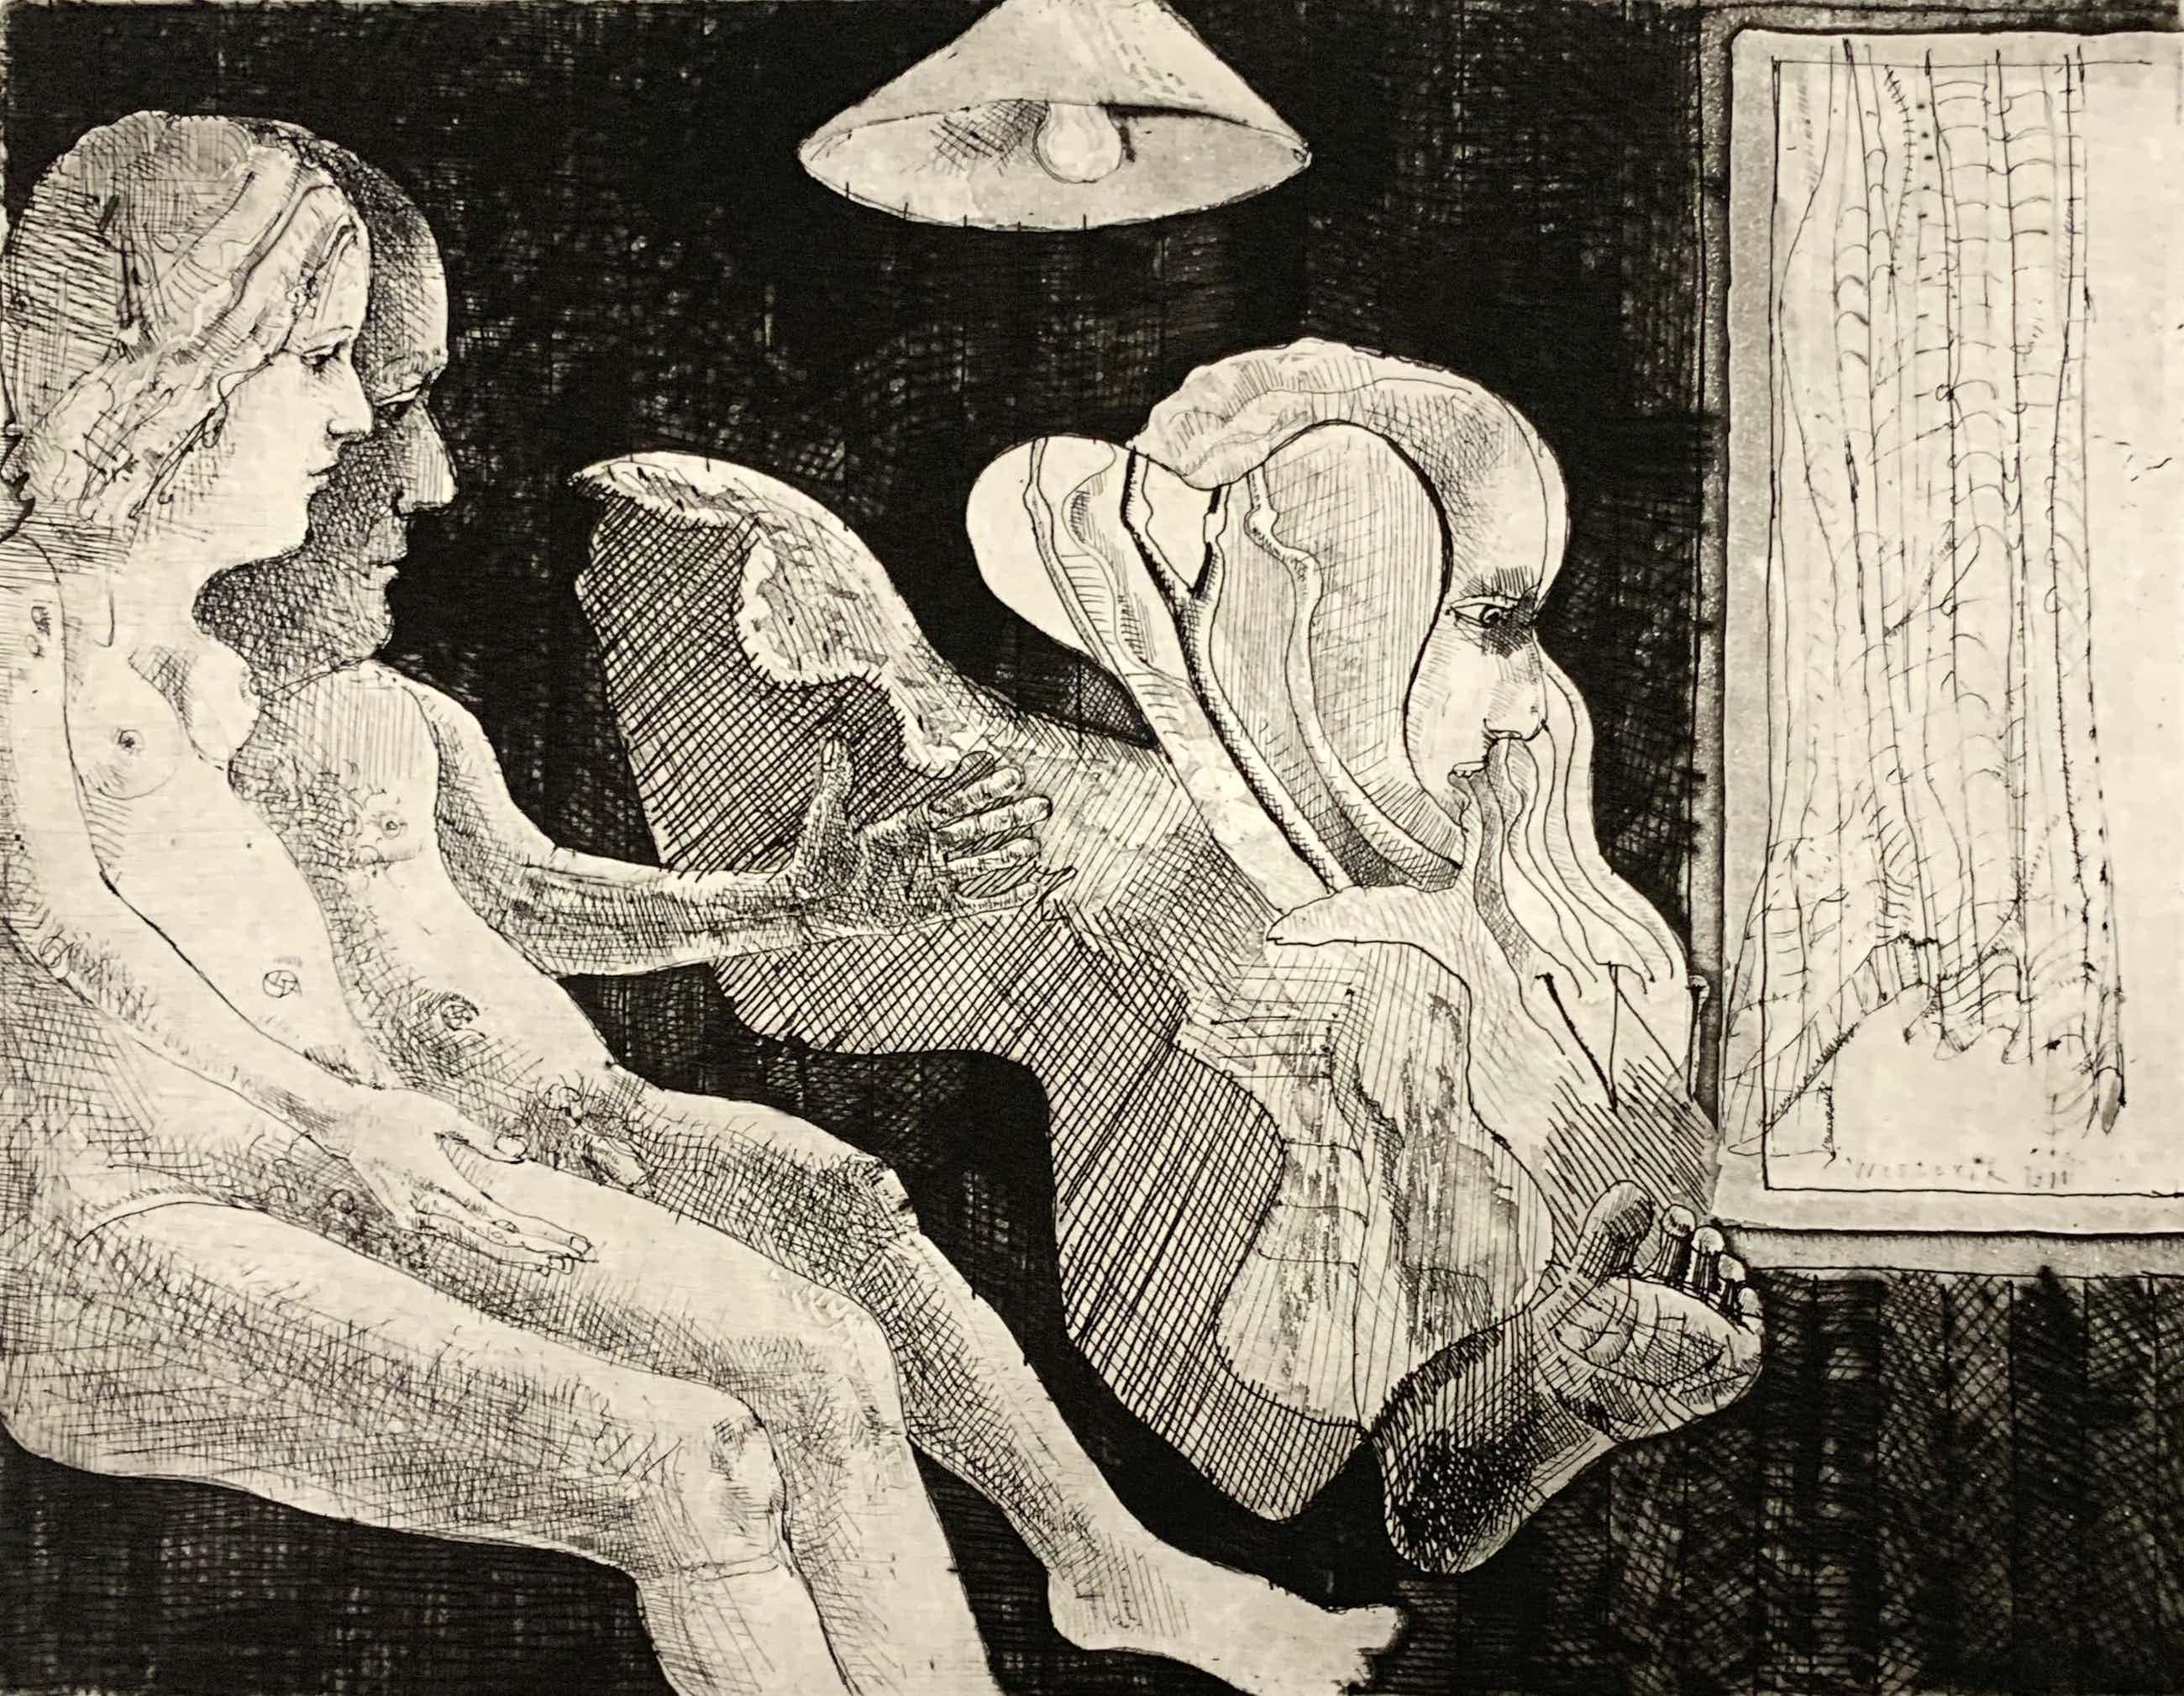 Co Westerik - ets, 'Naakt paar met verschijning', 1971 (PRENT 190) kopen? Bied vanaf 270!